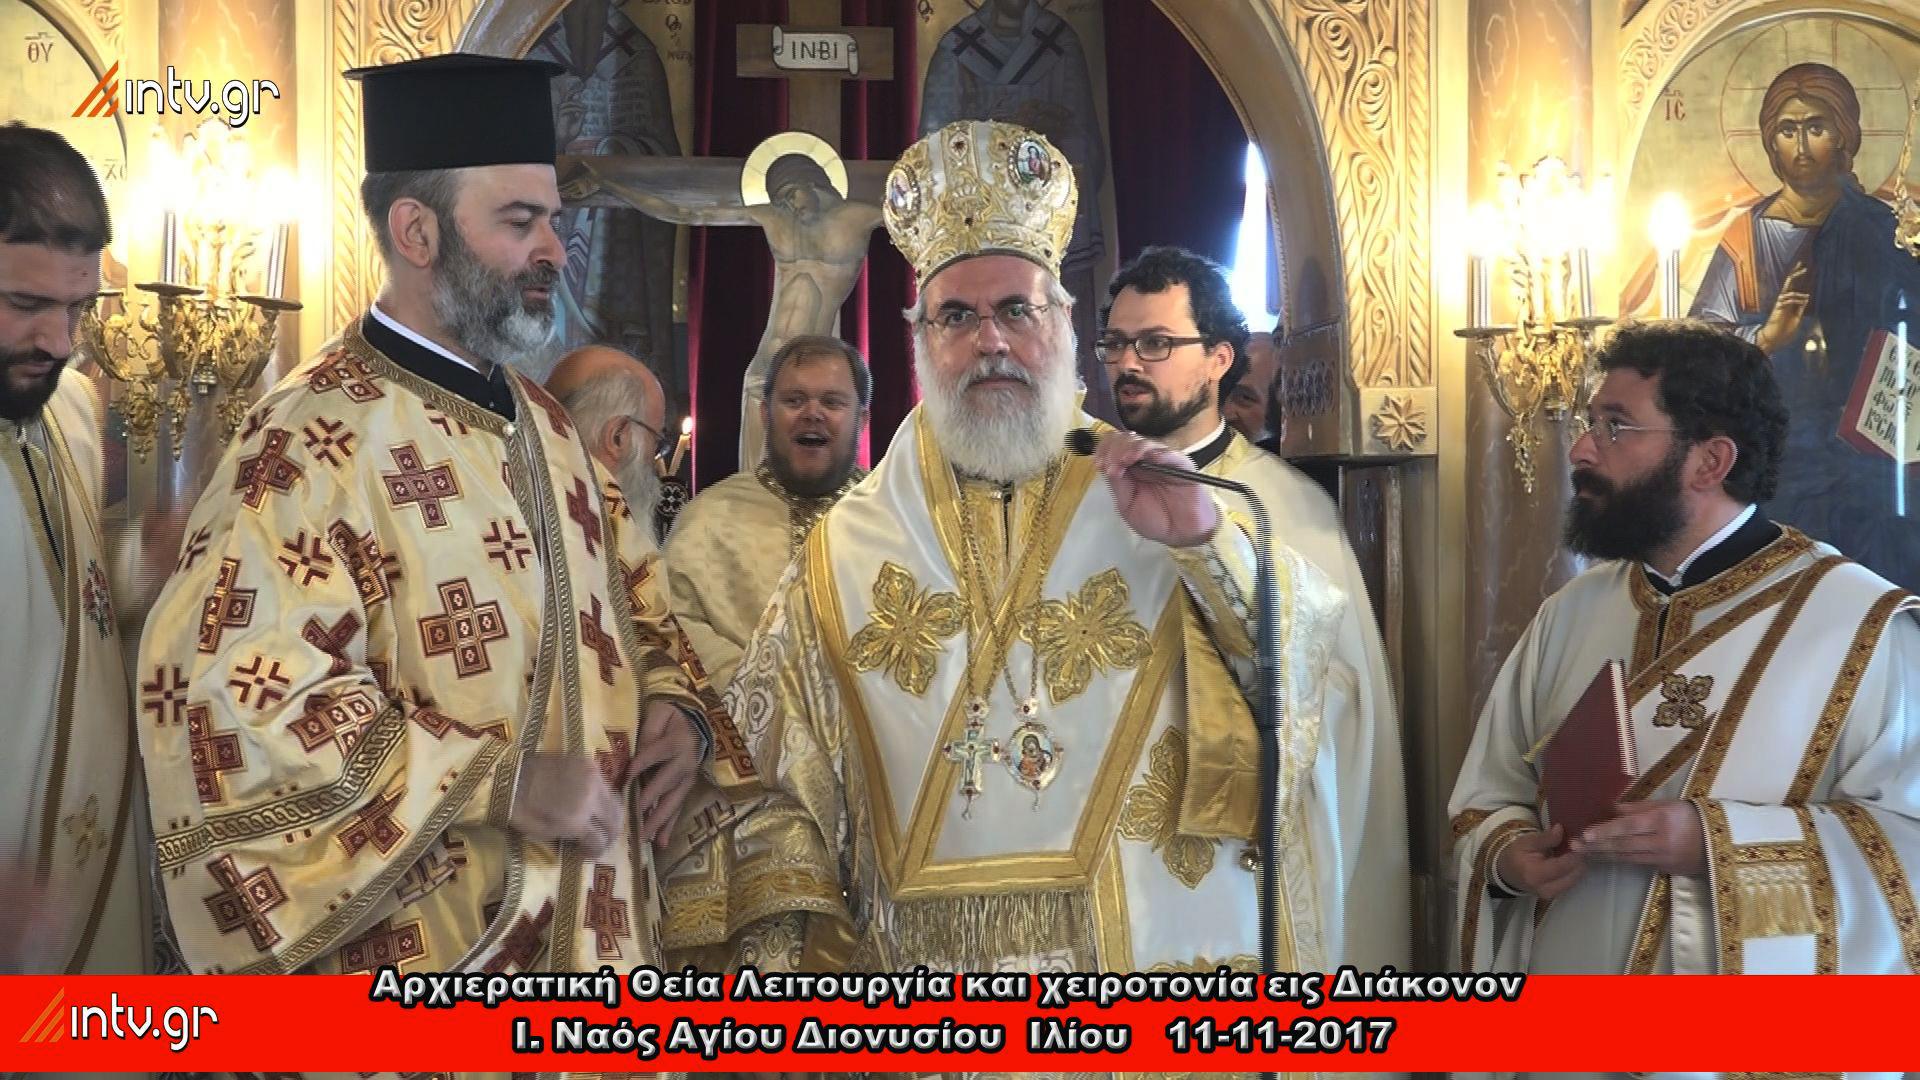 Ι. Ναός Αγίου Διονυσίου Ιλίου - Αρχιερατική Θεία Λειτουργία και χειροτονία εις Διάκονον του κ. Στεφάνου Γεωργαλή